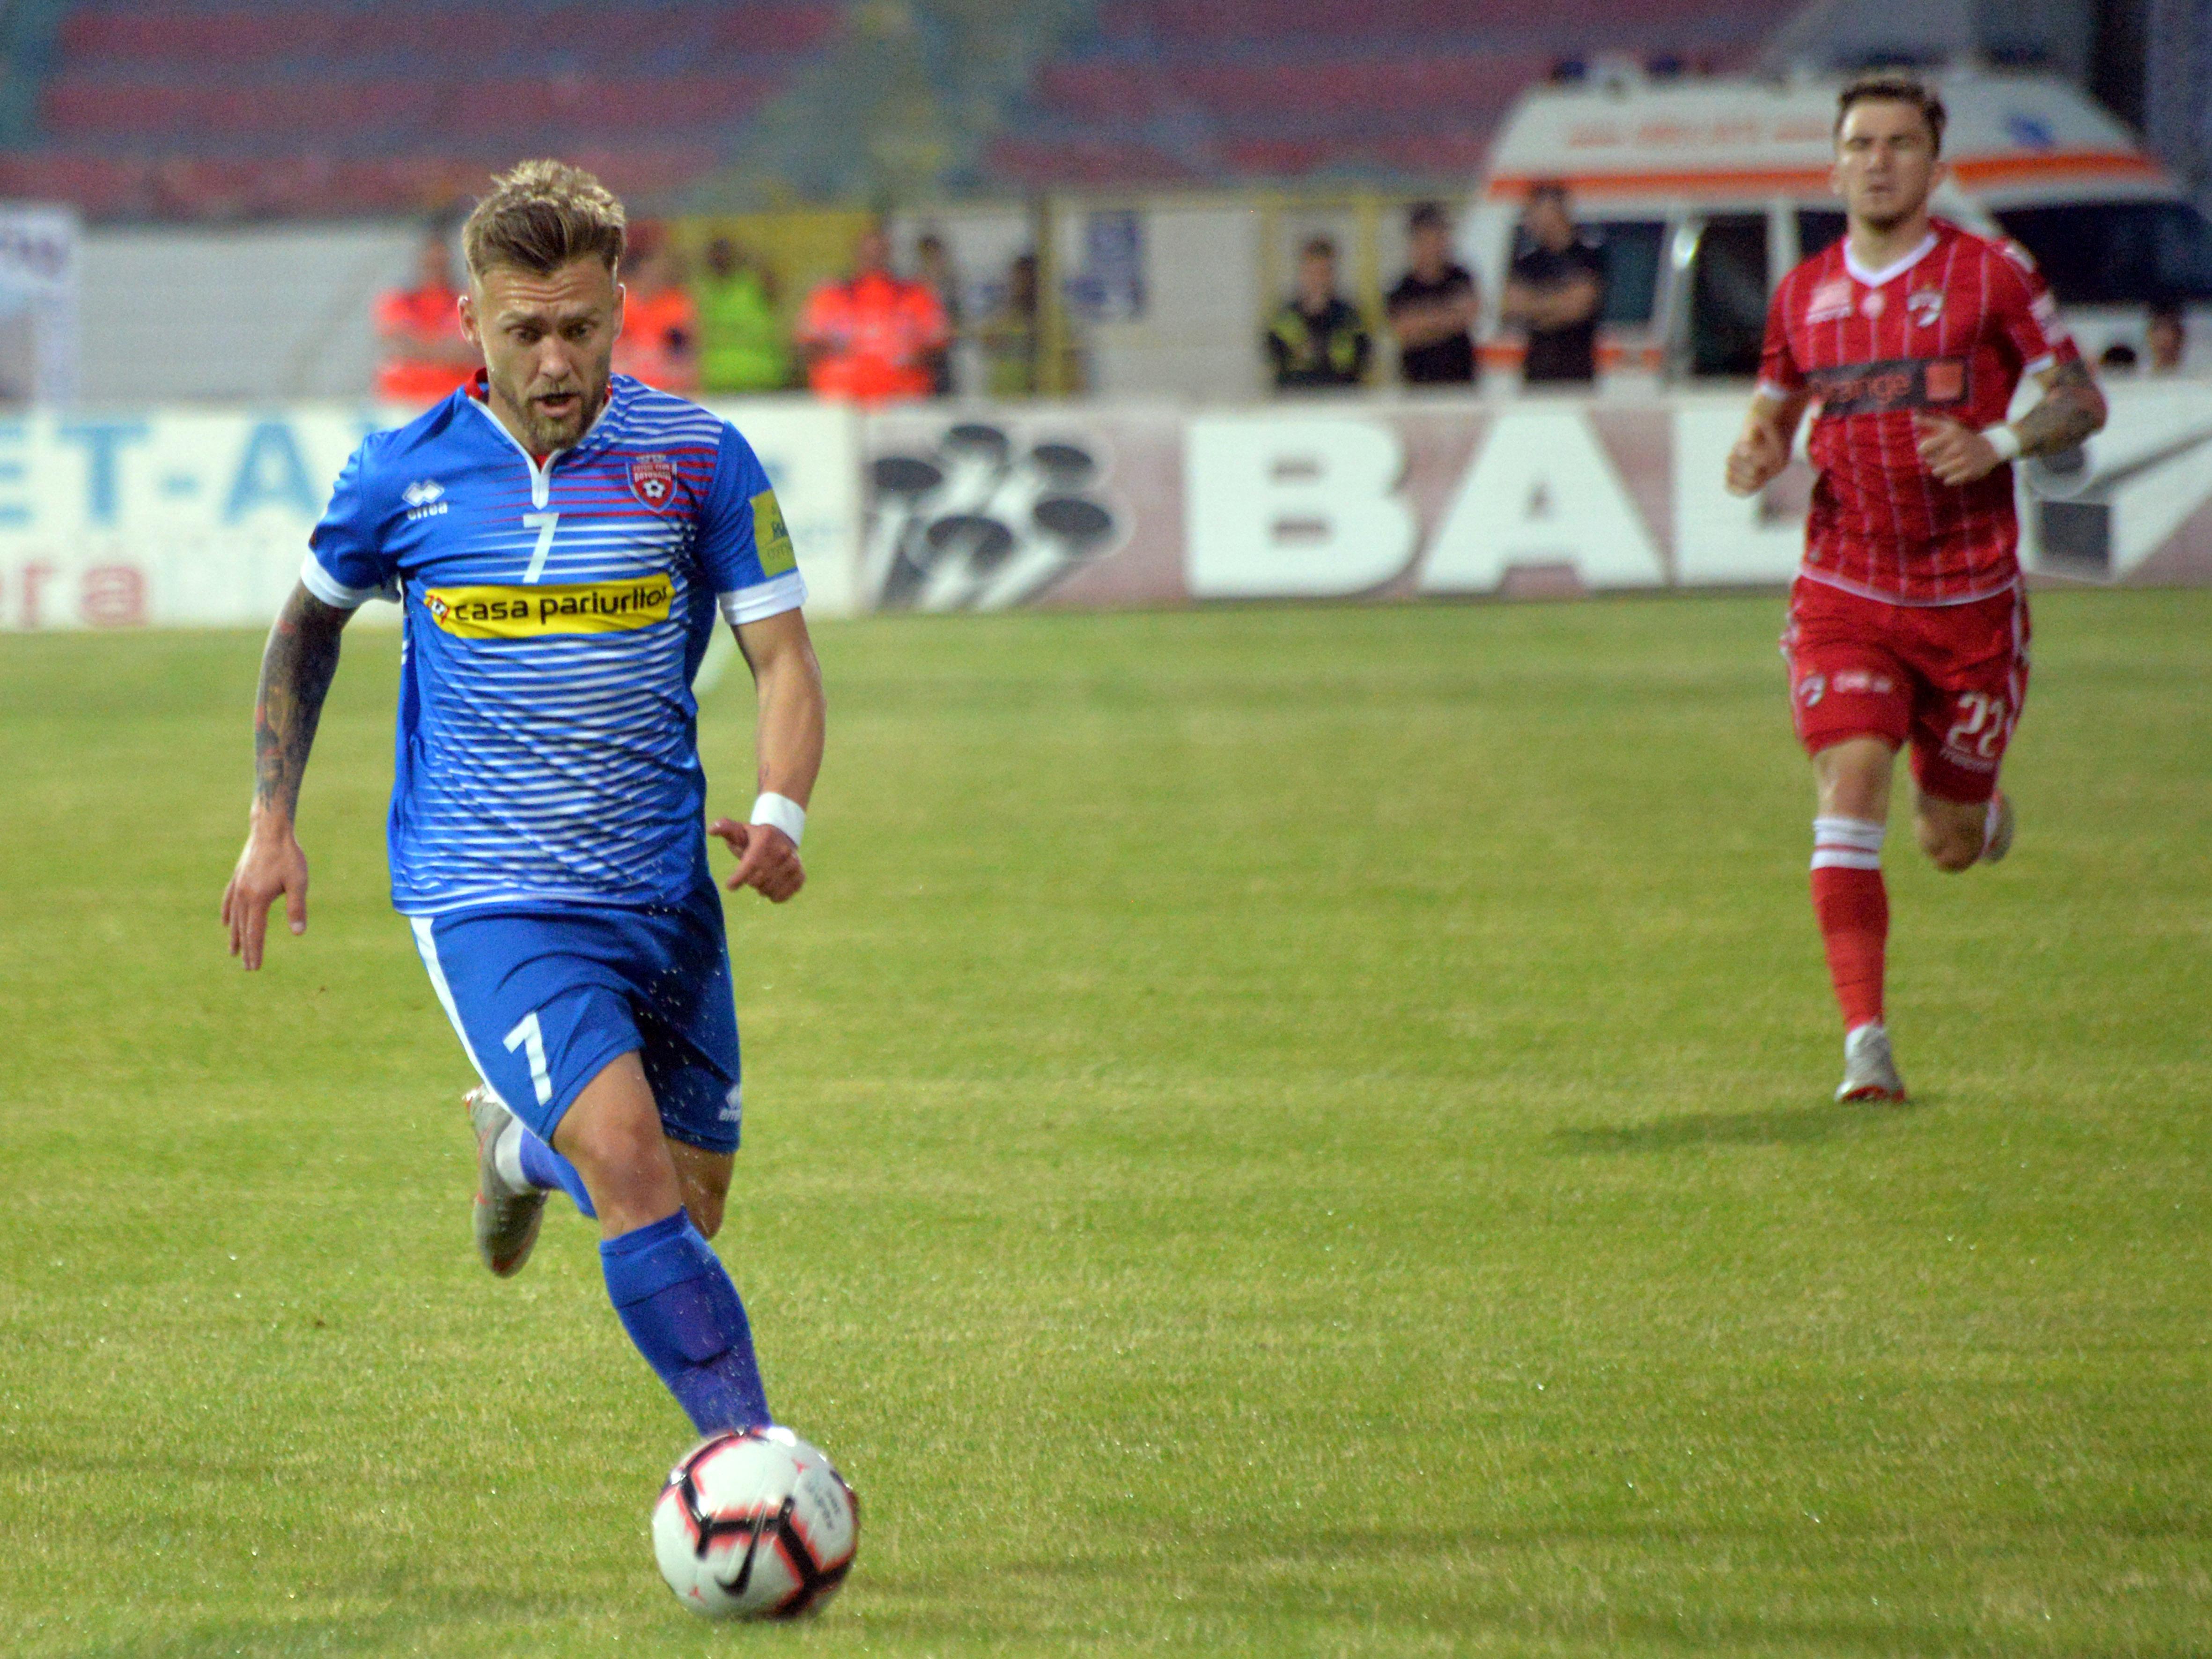 Cătălin Golofca s-a transferat la CFR Cluj. Sursă Foto: Sportpictures